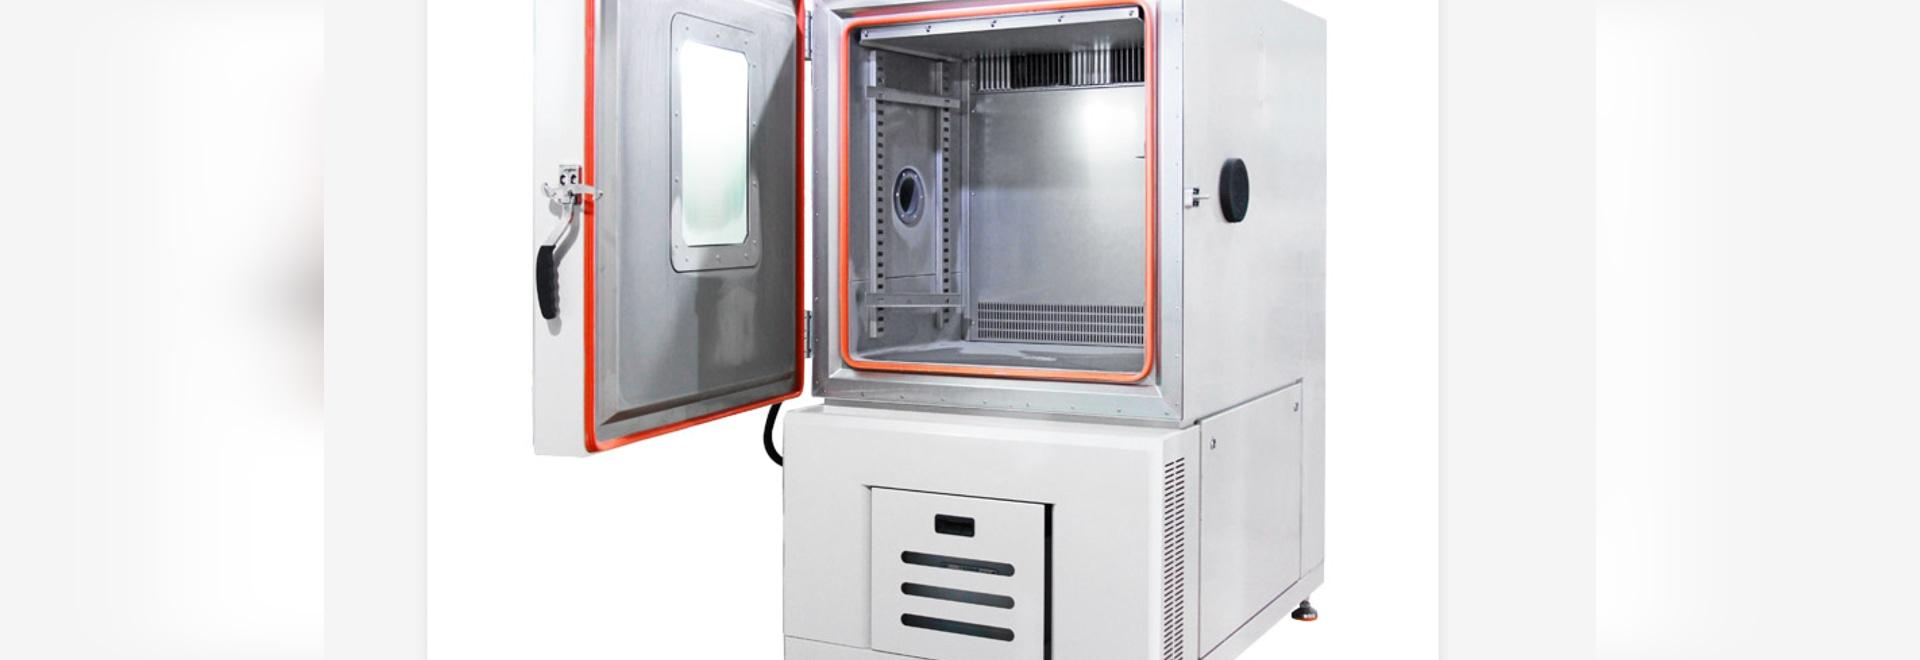 Öffnungsansicht der Temperatur- und Luftfeuchtigkeitsprüfkammer